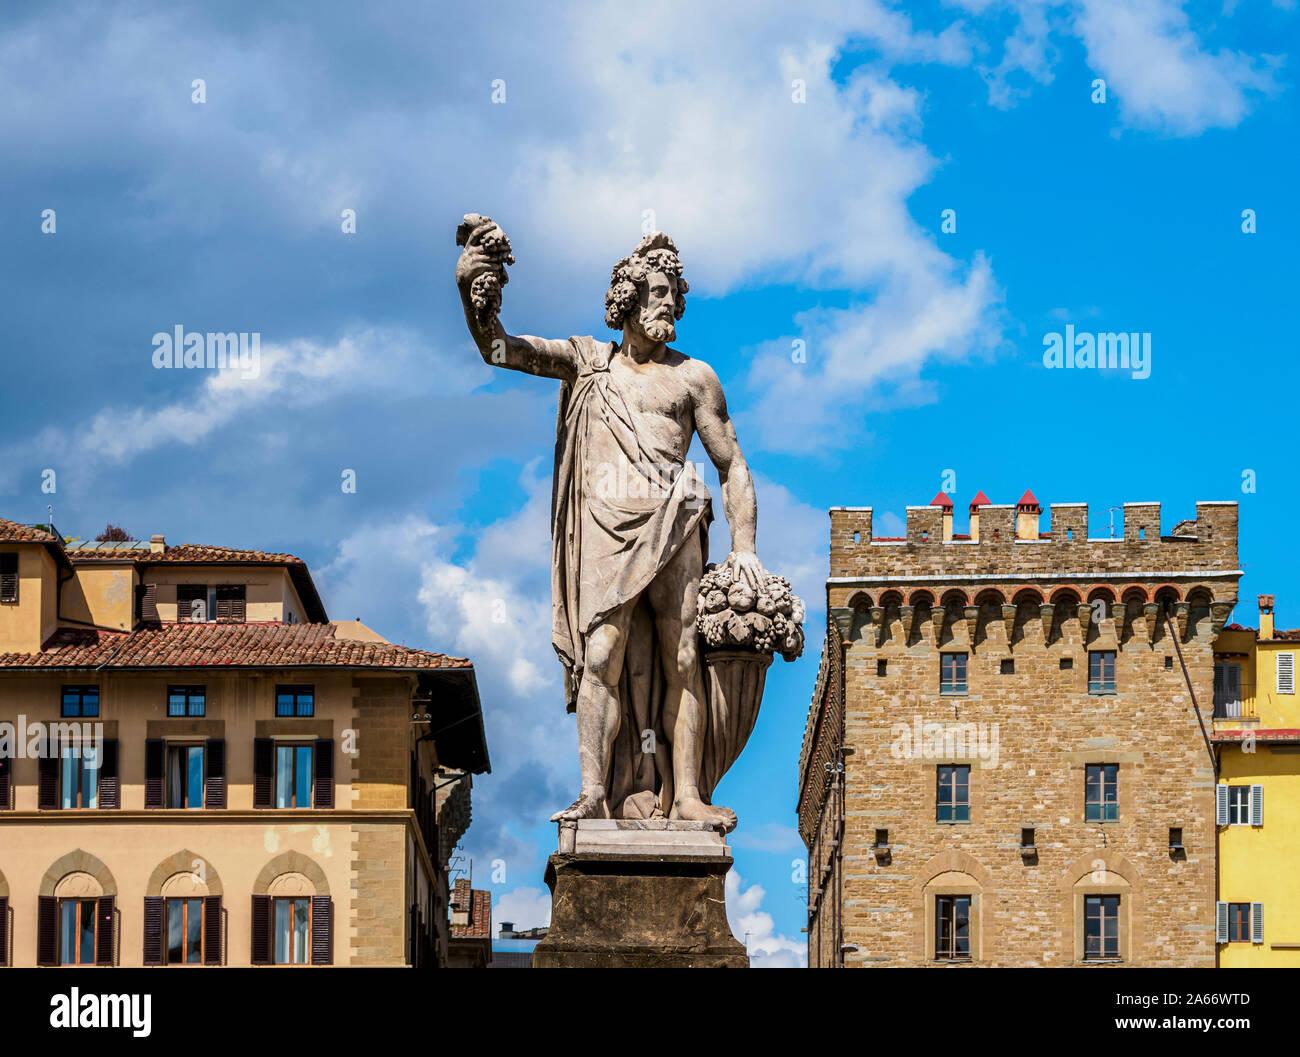 Escultura en el Ponte Santa Trinita, Florencia, Toscana, Italia Foto de stock